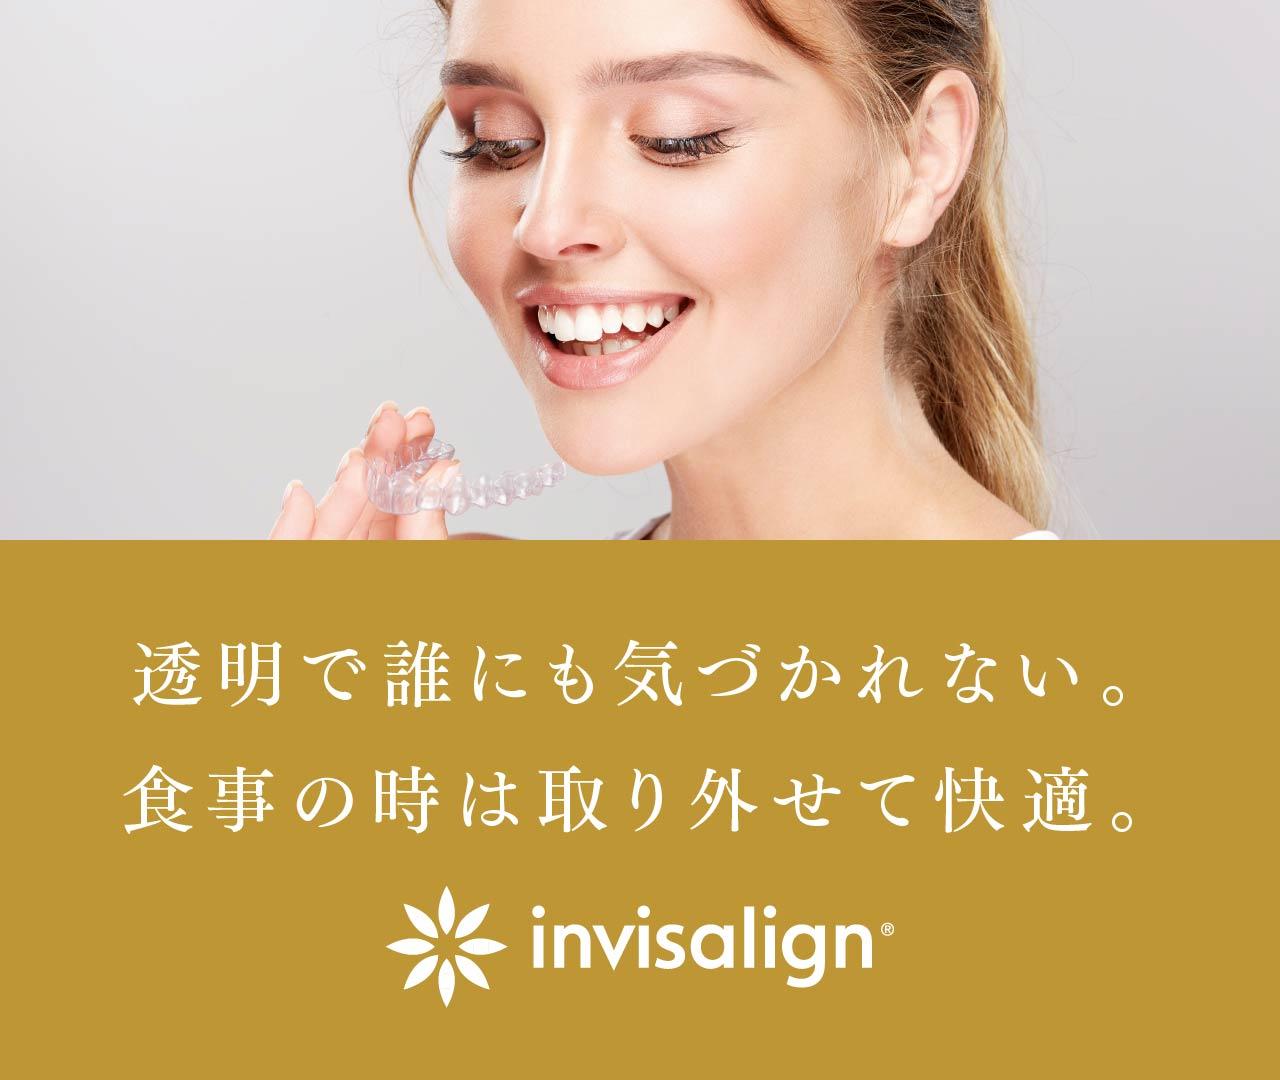 常に最新の技術を提供。JR茨木駅より徒歩5分、スマイルプランやまもと歯科クリニック